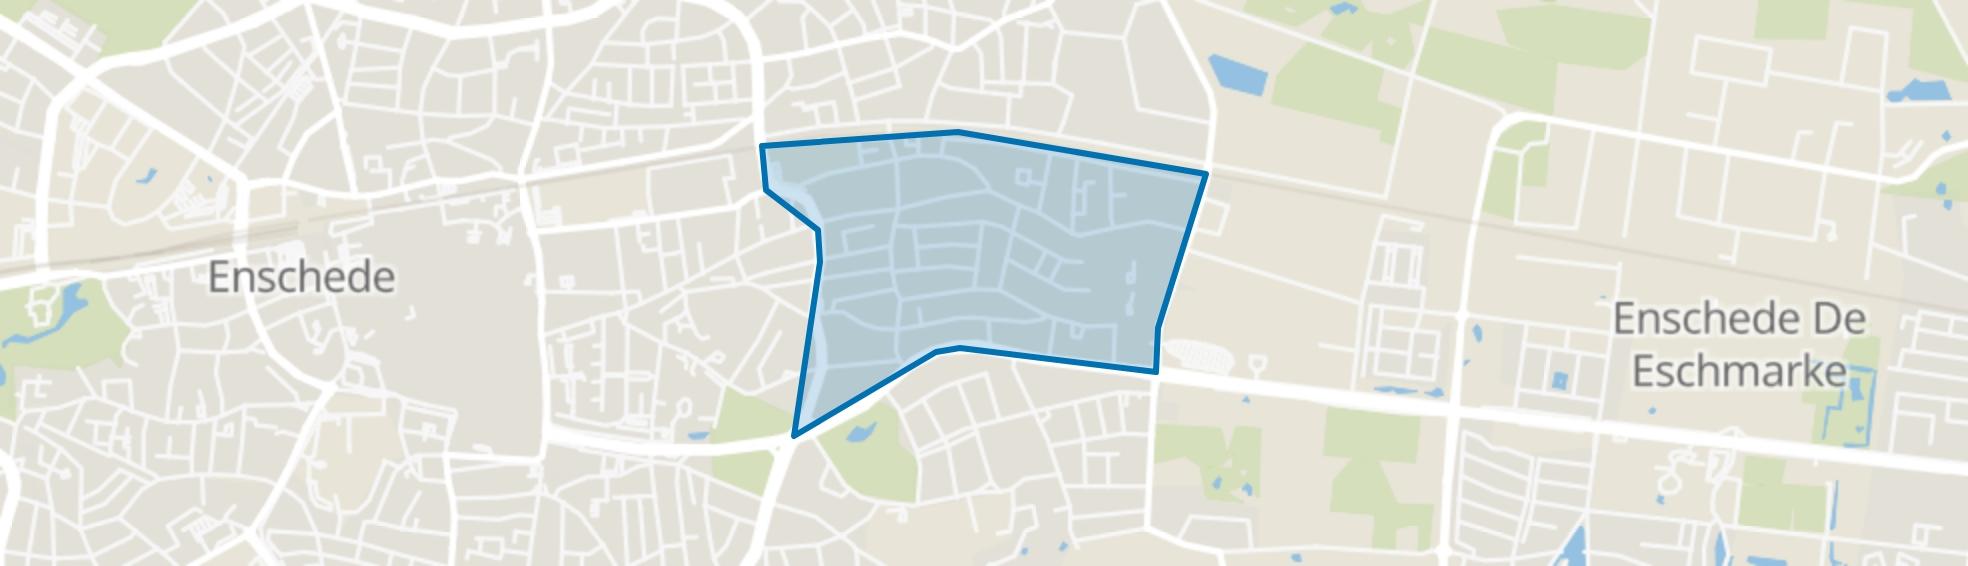 Velve-Lindenhof, Enschede map